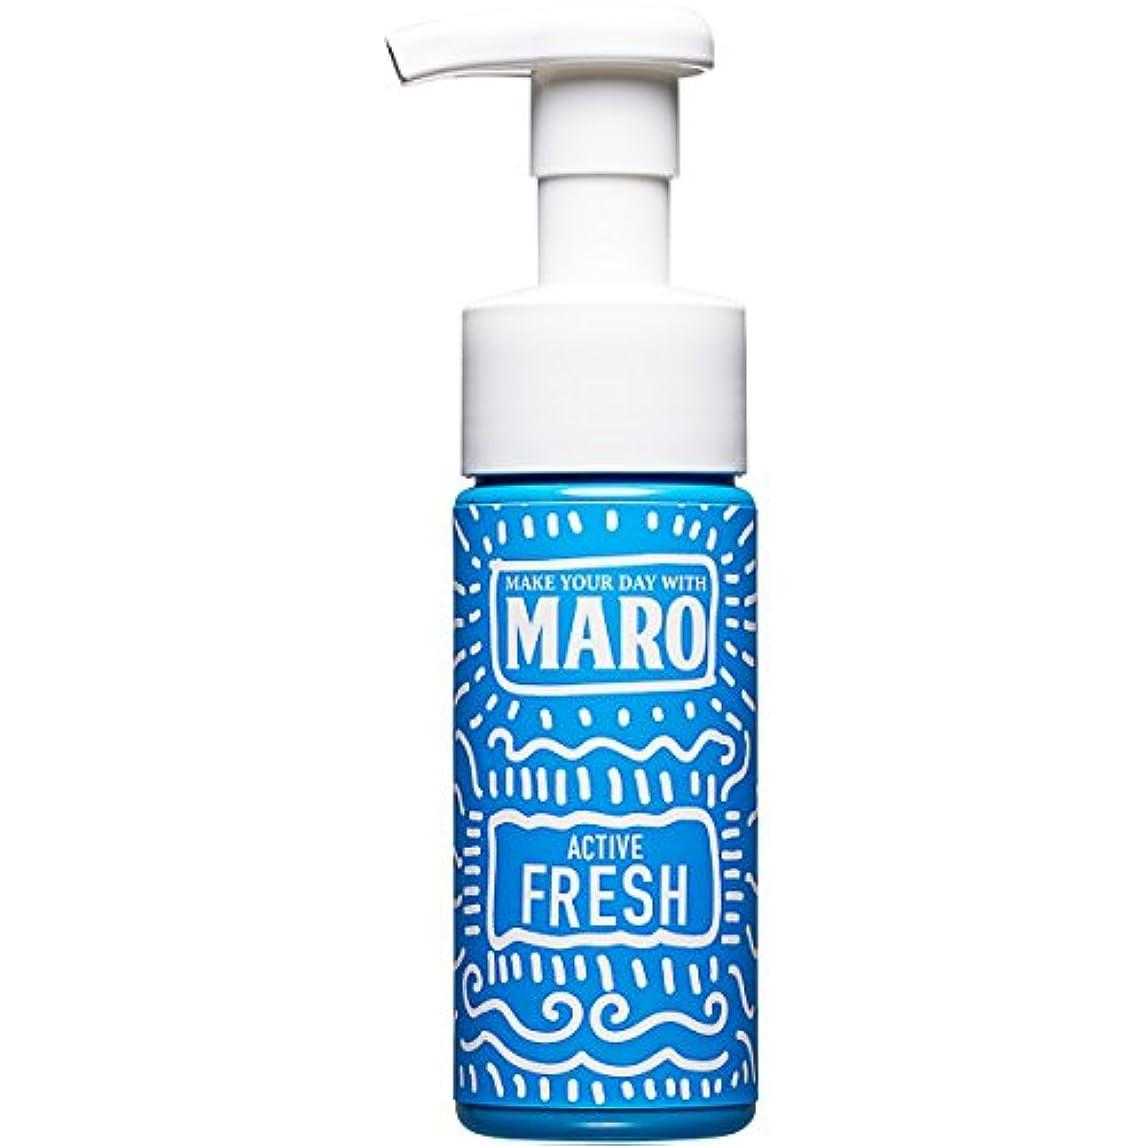 ソロ可愛い少なくともMARO グルーヴィー 泡洗顔 アクティブフレッシュ 150ml